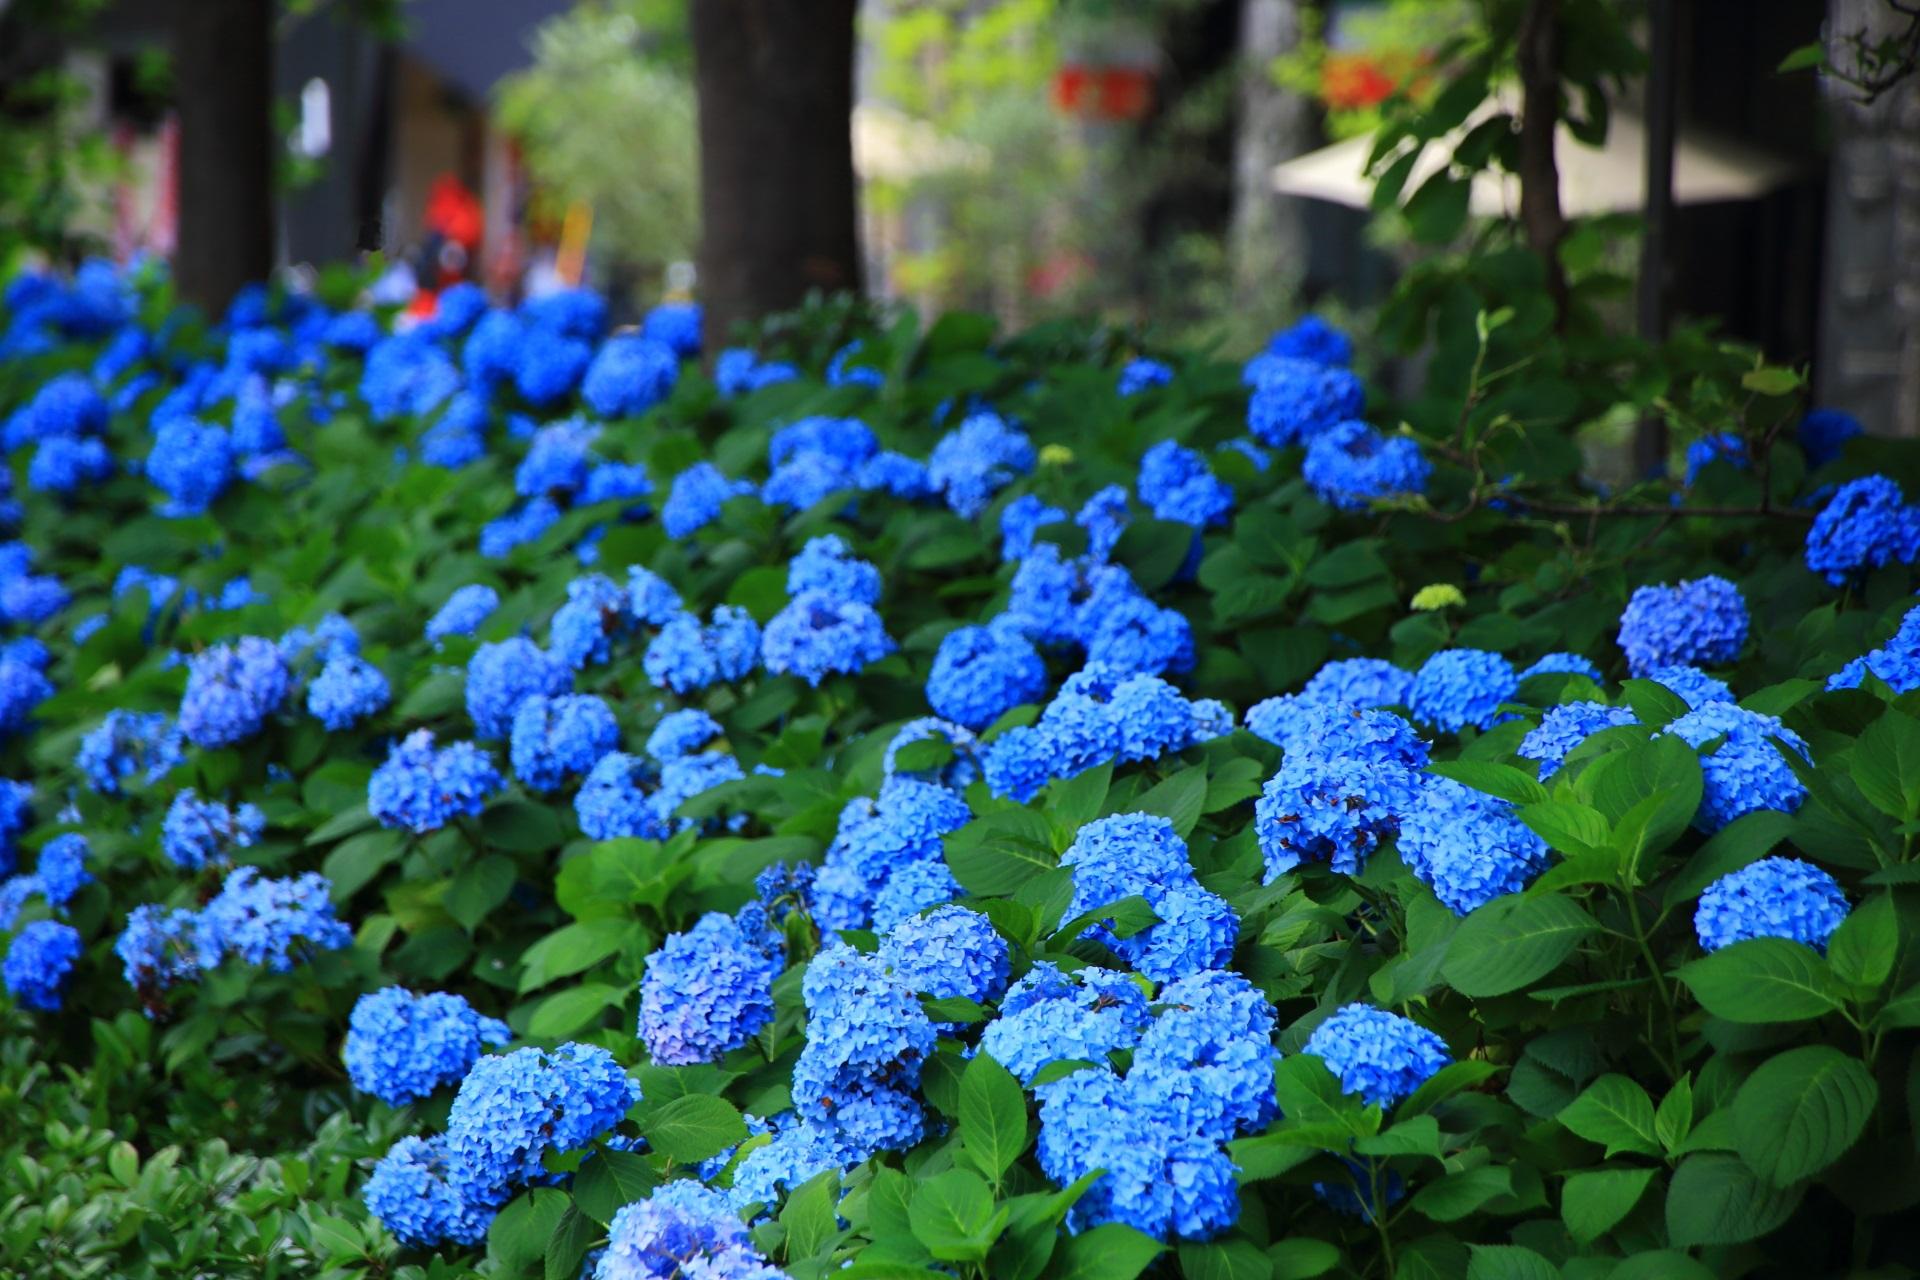 やや遠目から眺めた御池通りの溢れる青い紫陽花